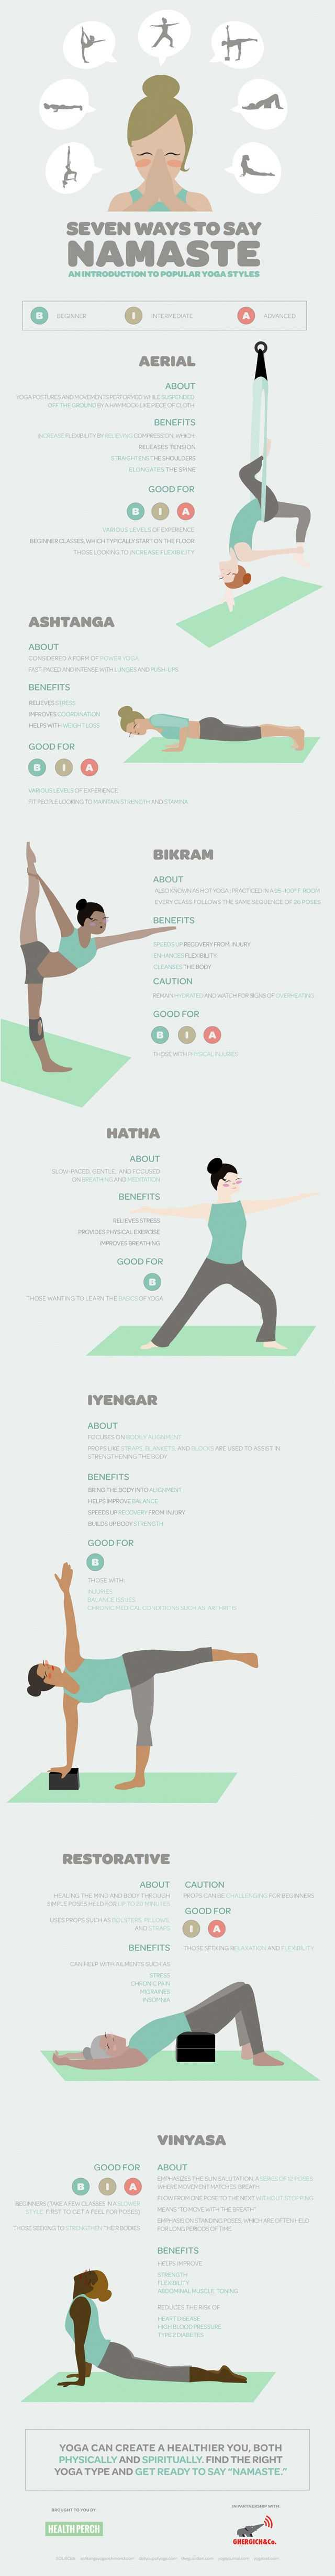 Seven Ways To Say Namaste